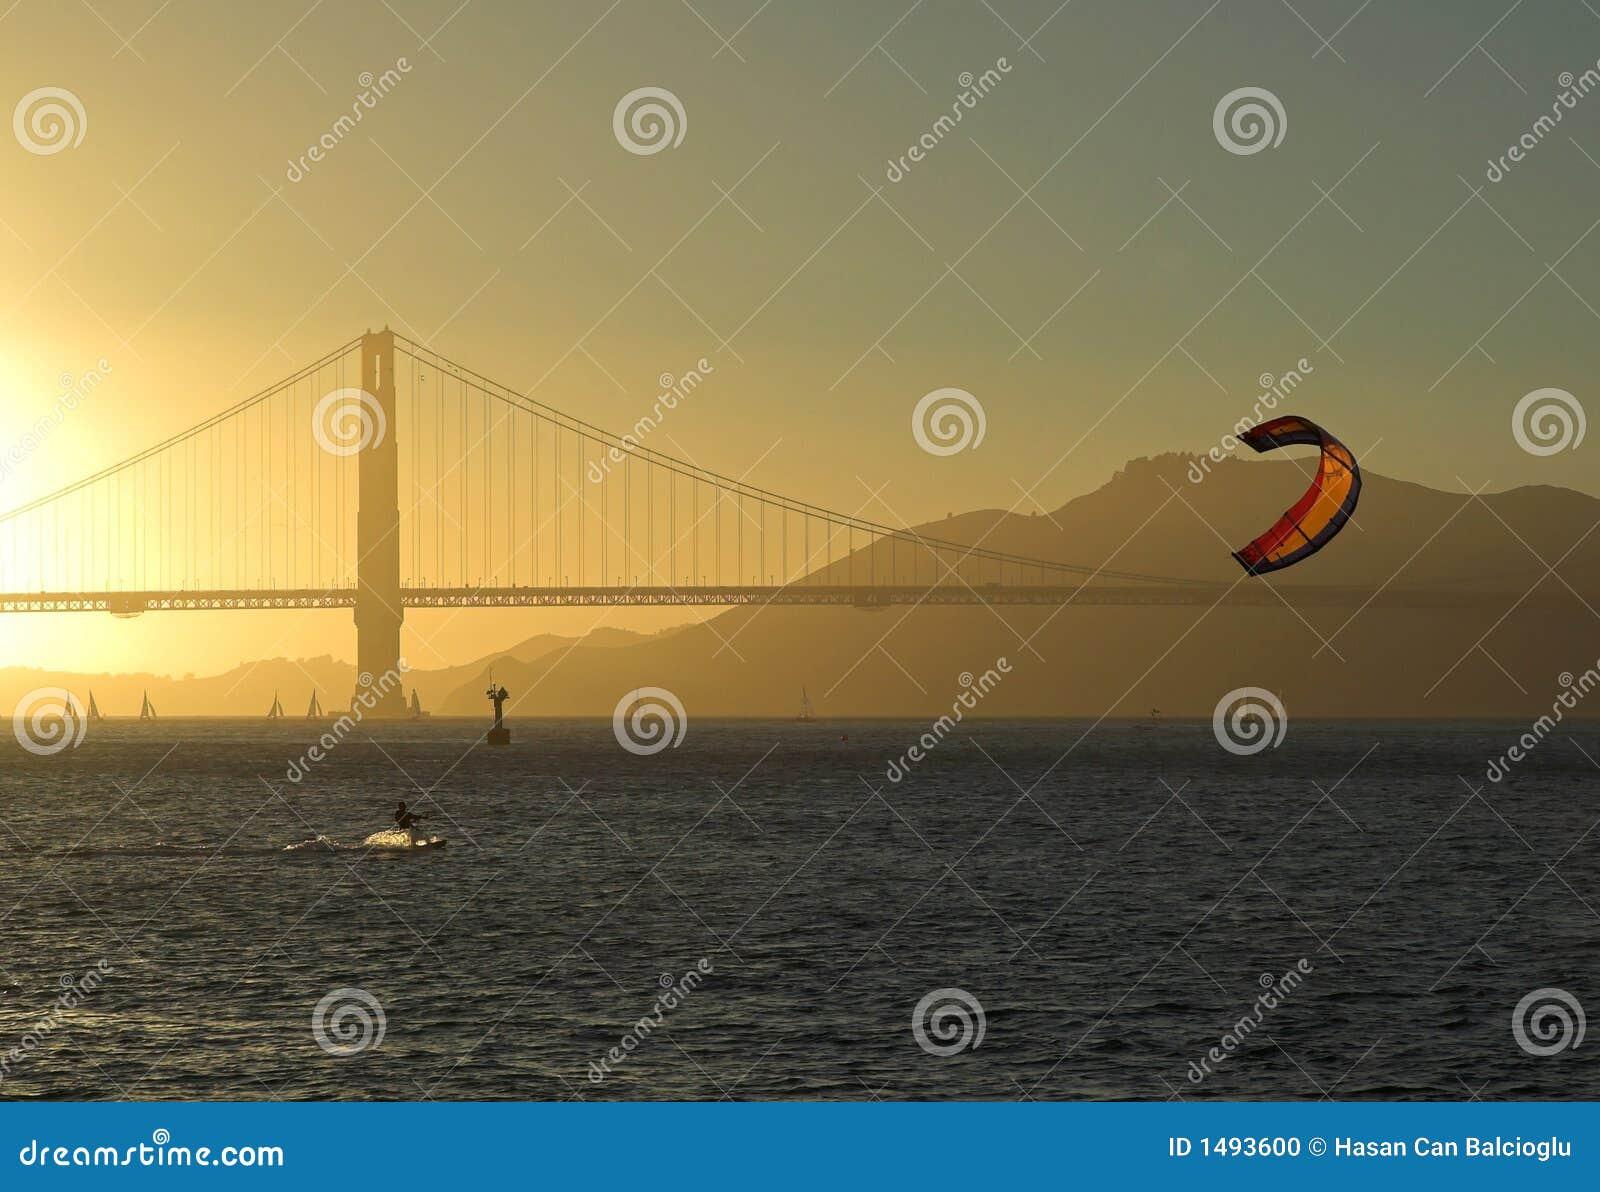 Golden gate bridge san francisco sunset taken at sunset a